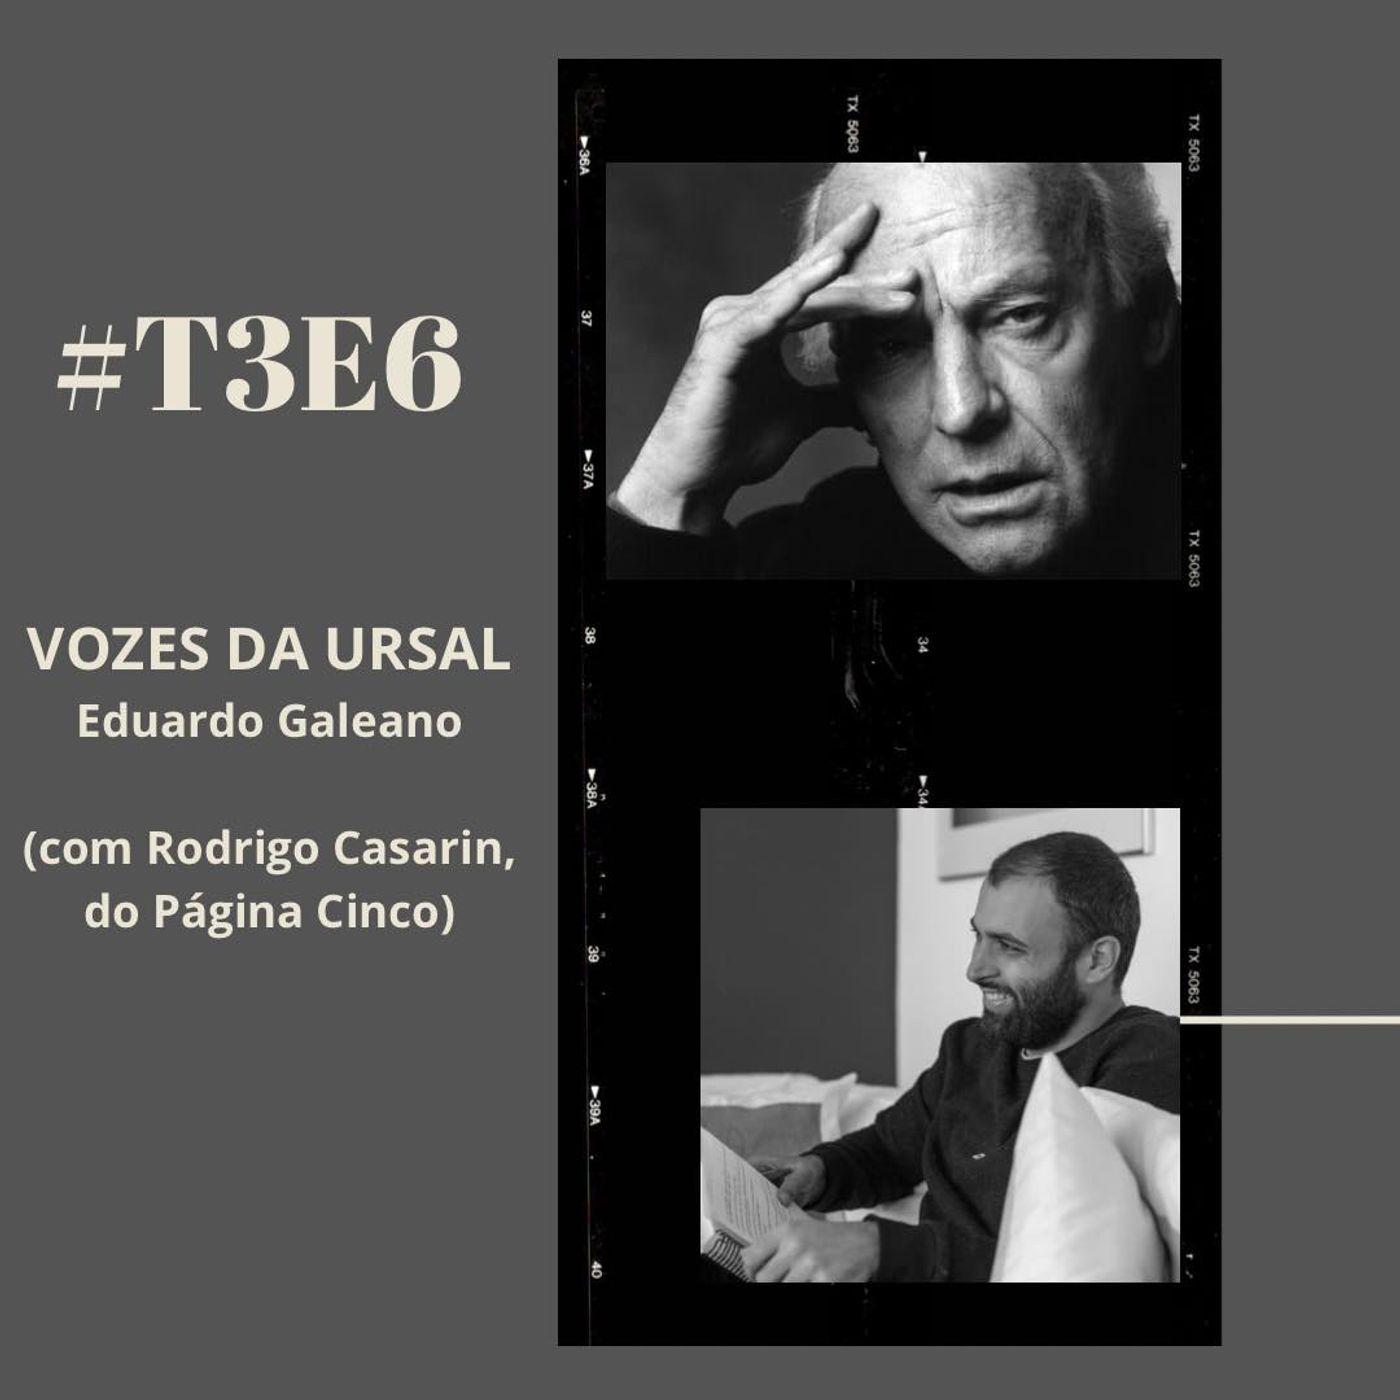 t03e06 - Vozes da Ursal - Eduardo Galeano, com Rodrigo Casarin